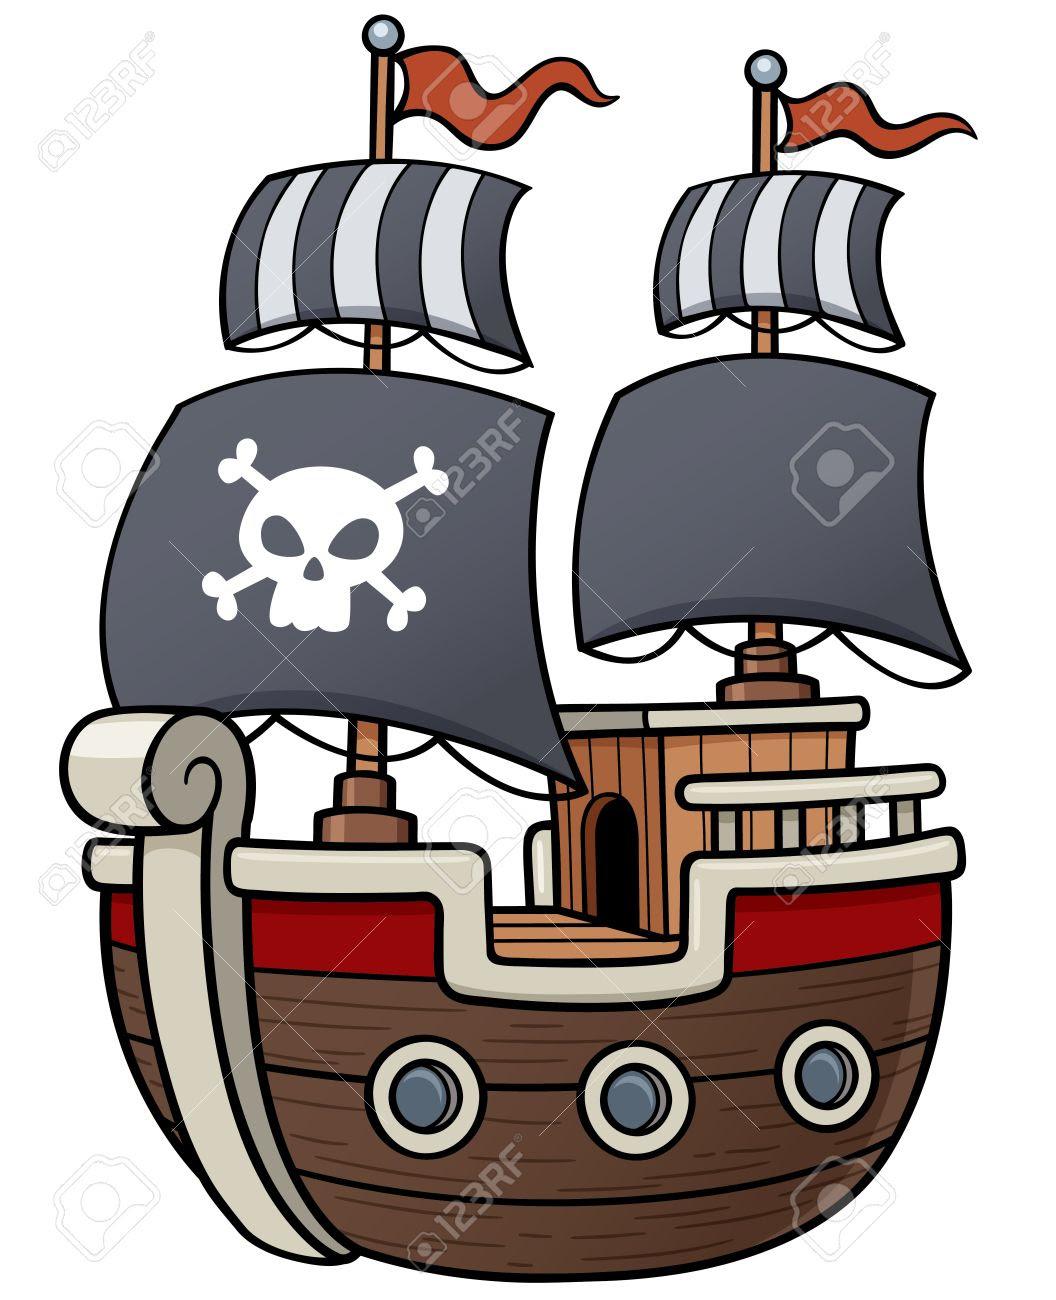 海賊船 イラスト